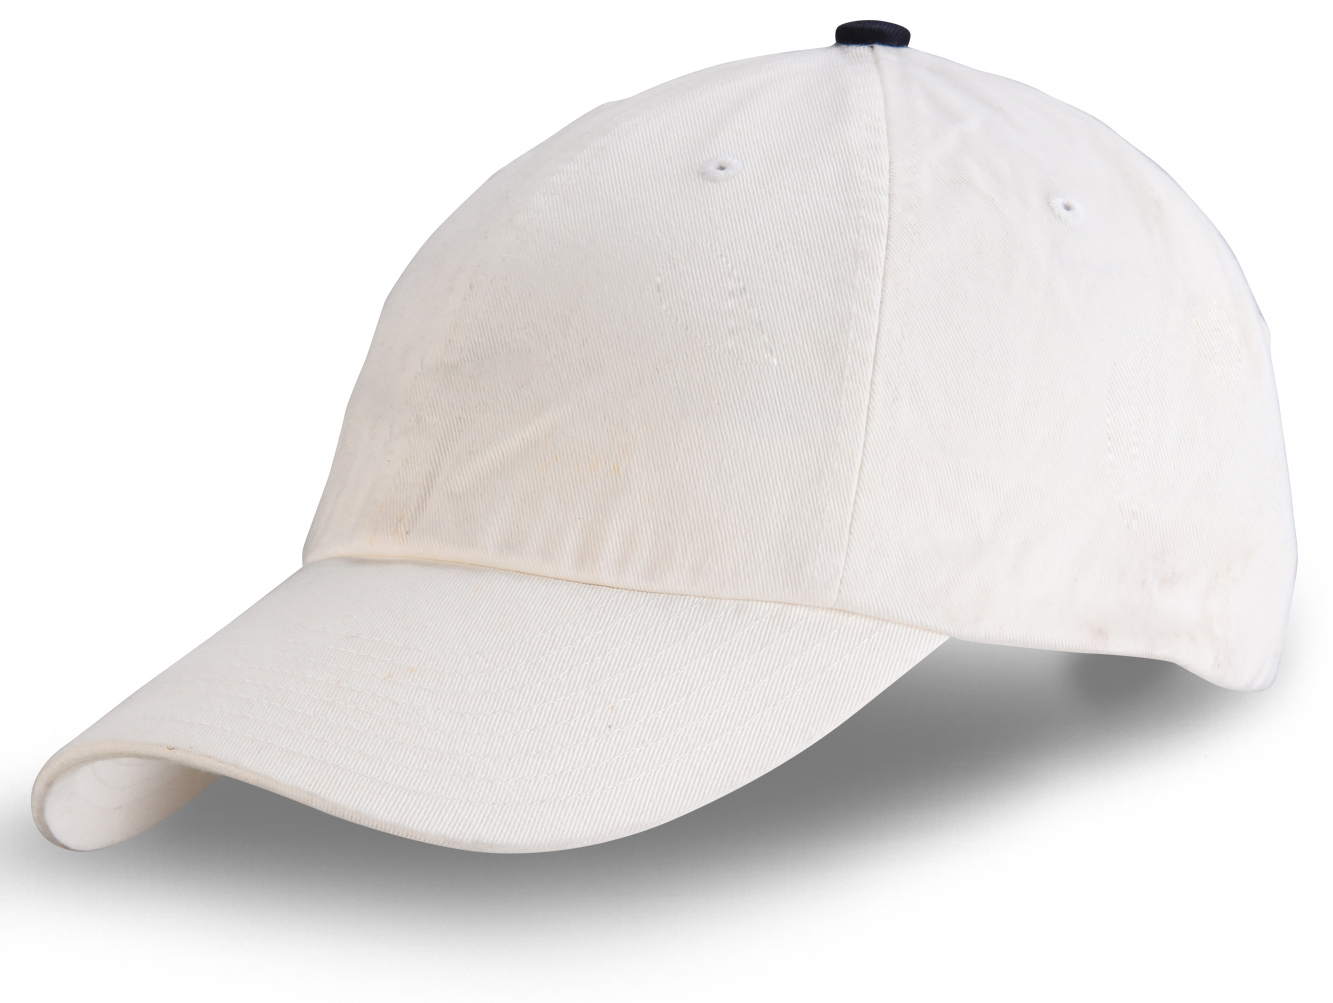 Белая бейсболка - купить в интернет-магазине Военпро